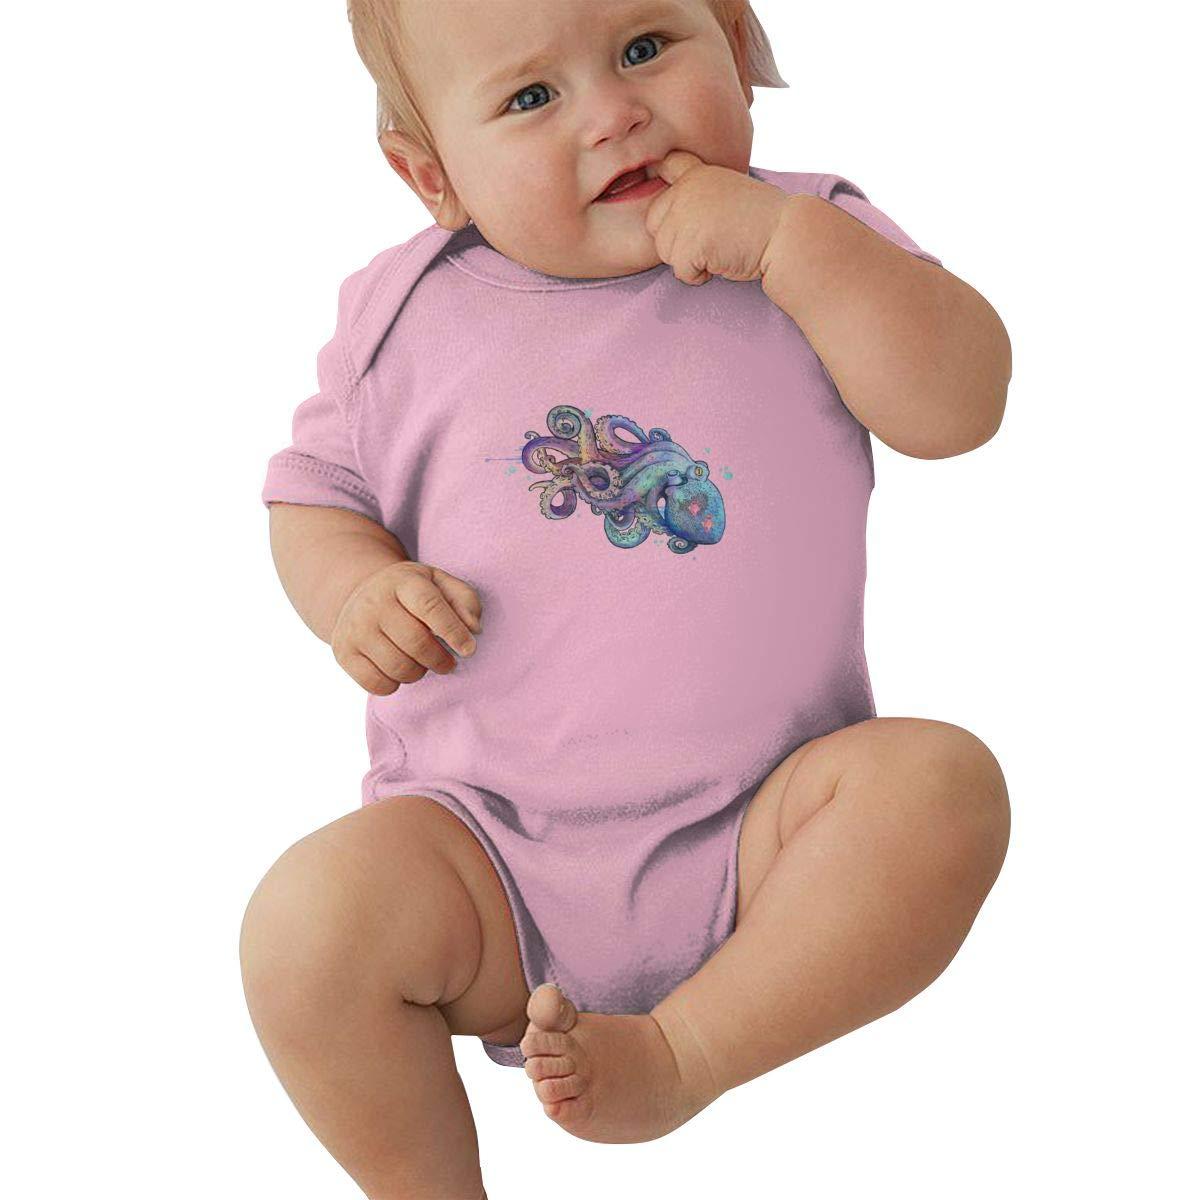 Infant Baby Boys Bodysuit Short-Sleeve Onesie Octopus Print Rompers